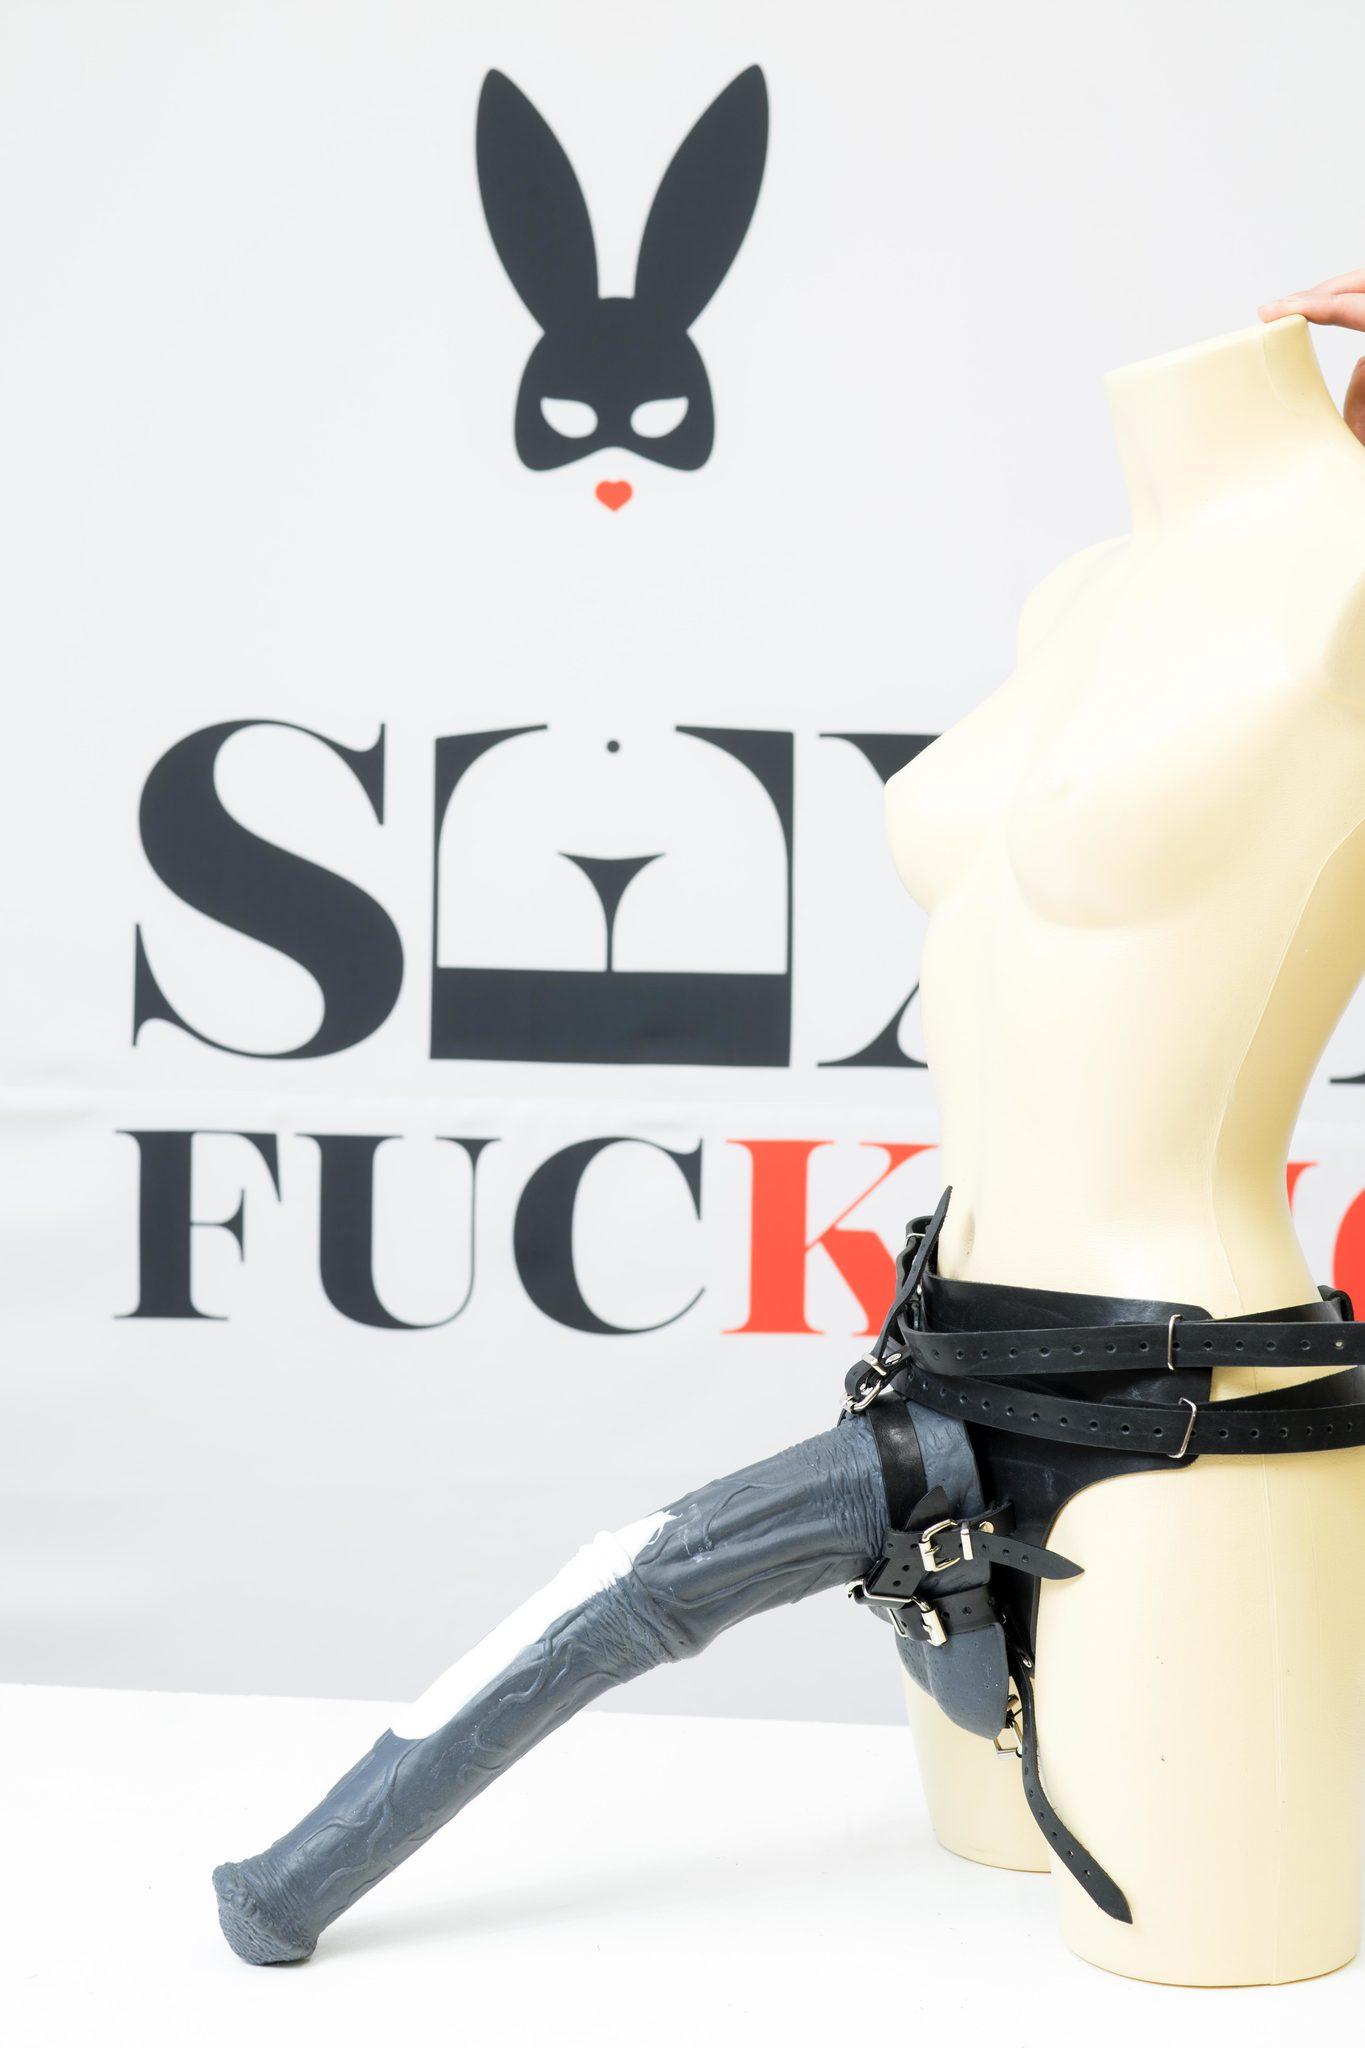 выжигает секс на громадном страпоне она позвала его